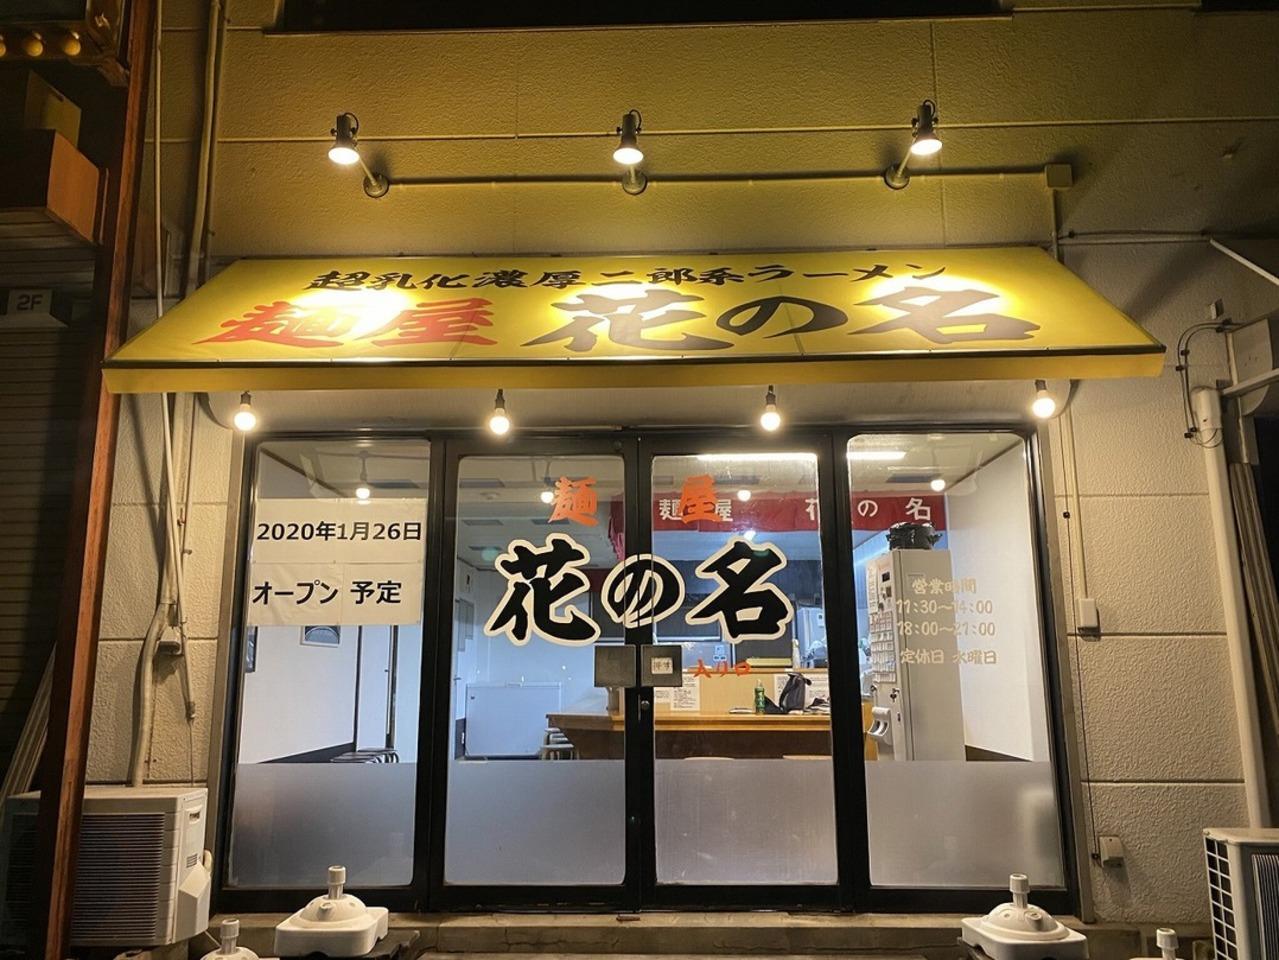 長野県佐久市猿久保に超乳化濃厚二郎系ラーメン「麺屋 花の名」が本日オープンされたようです。